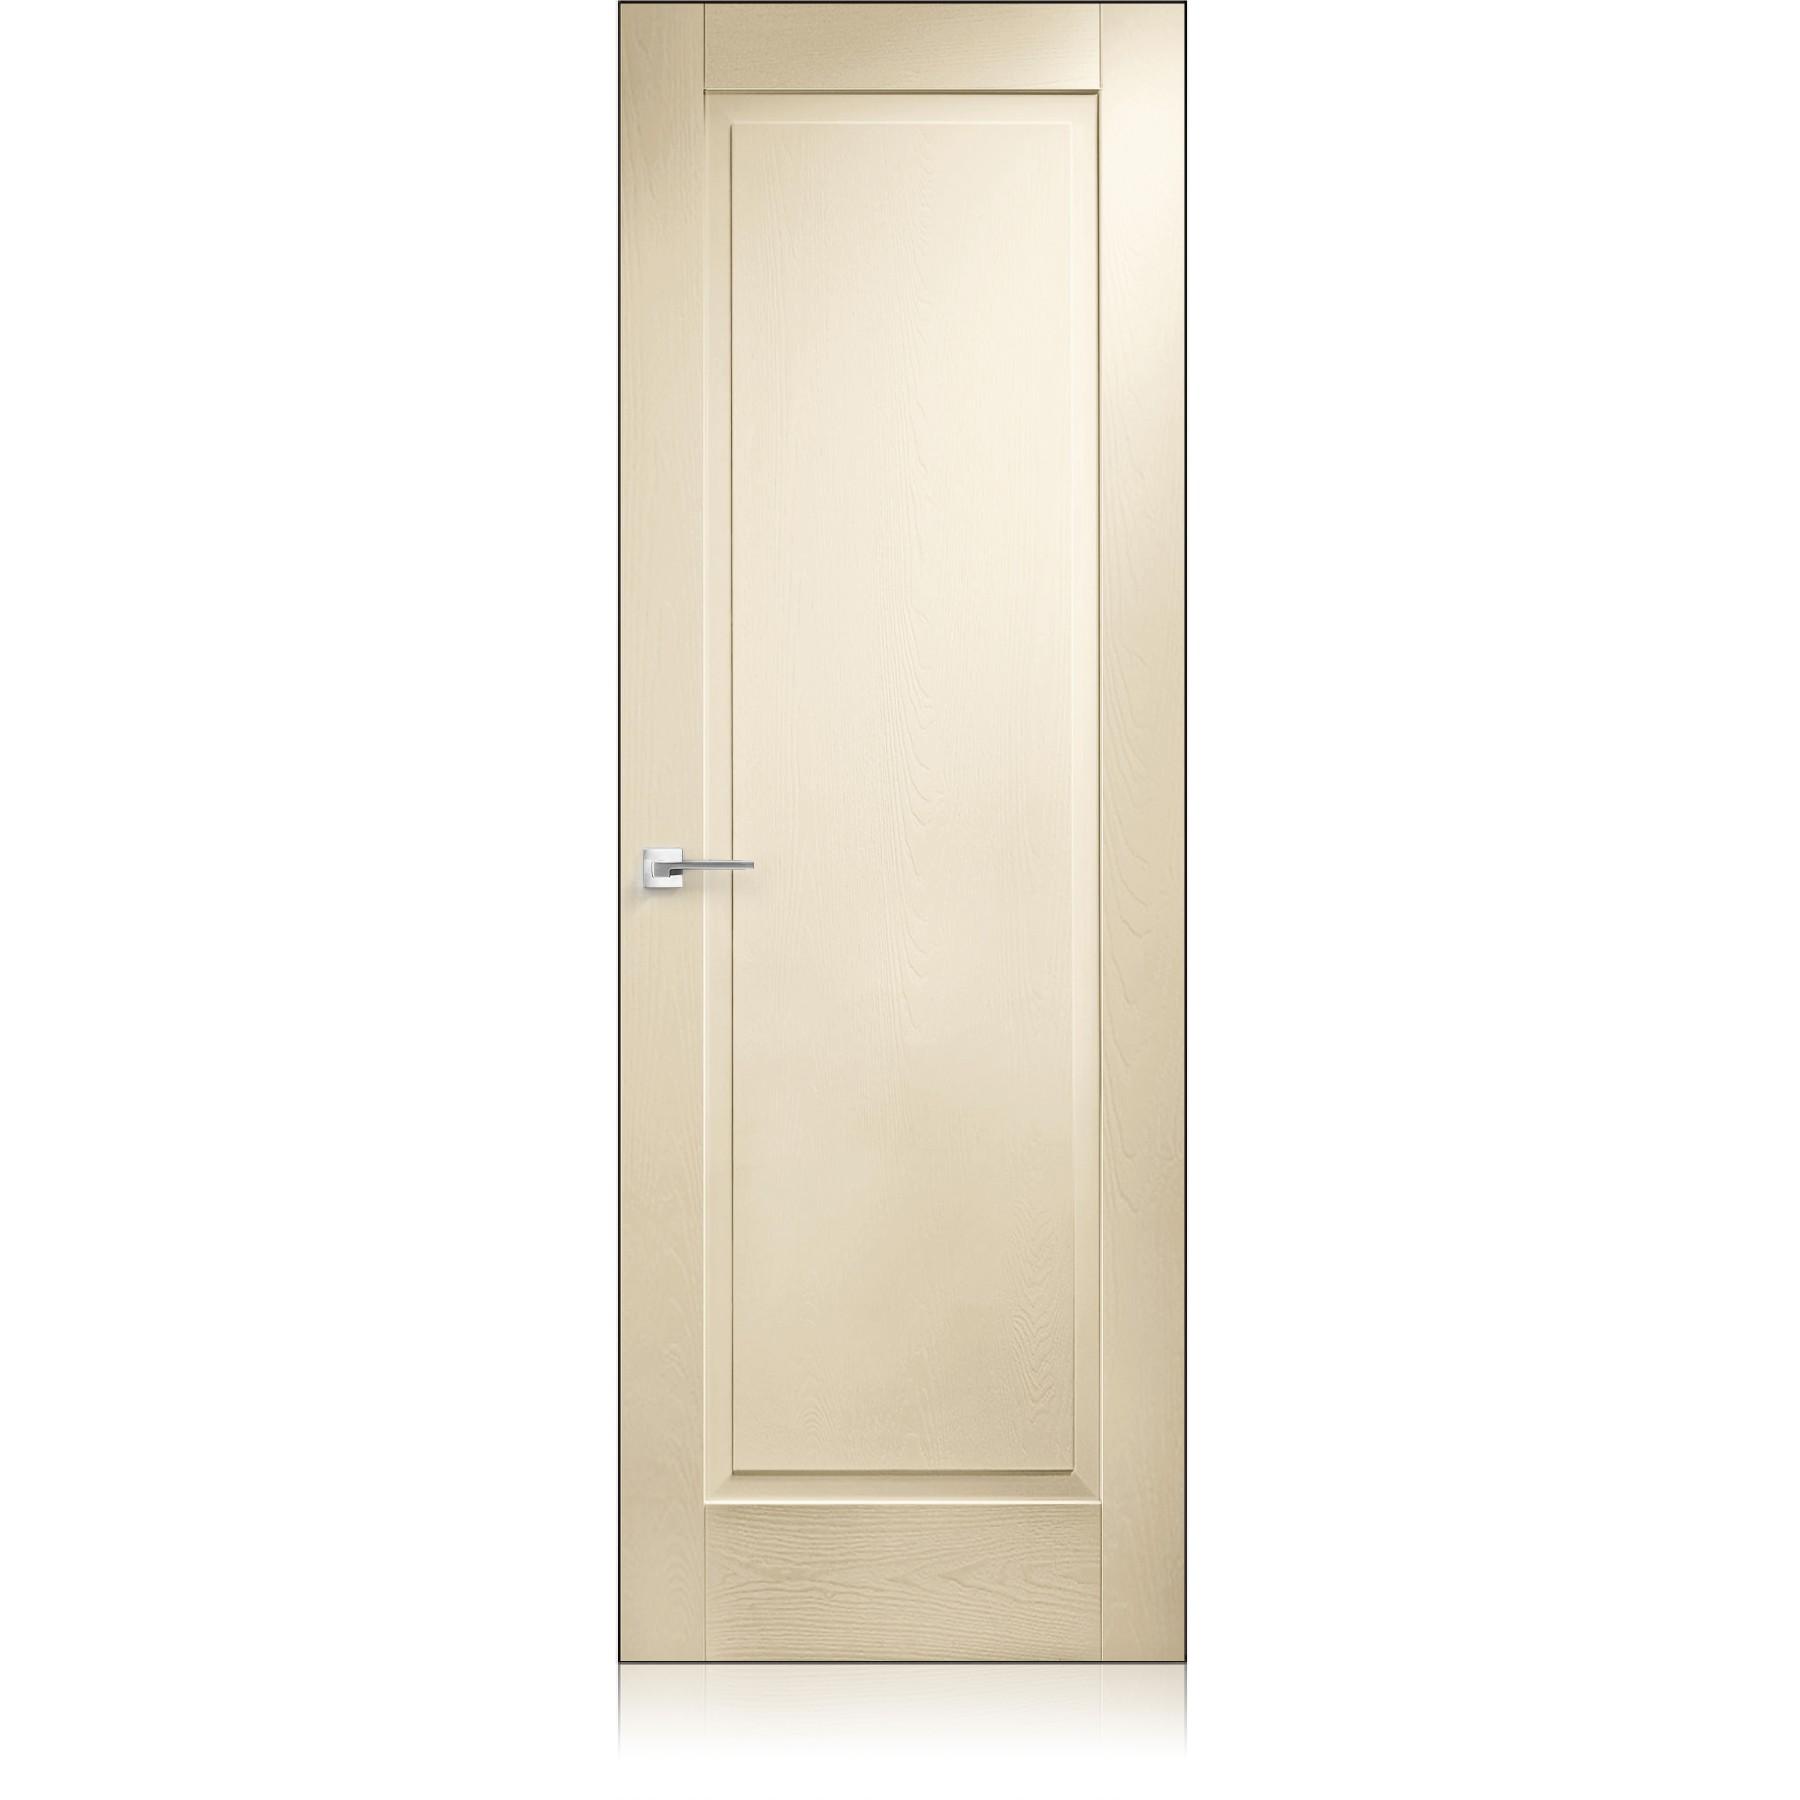 Suite / 21 Zero trame cremy door